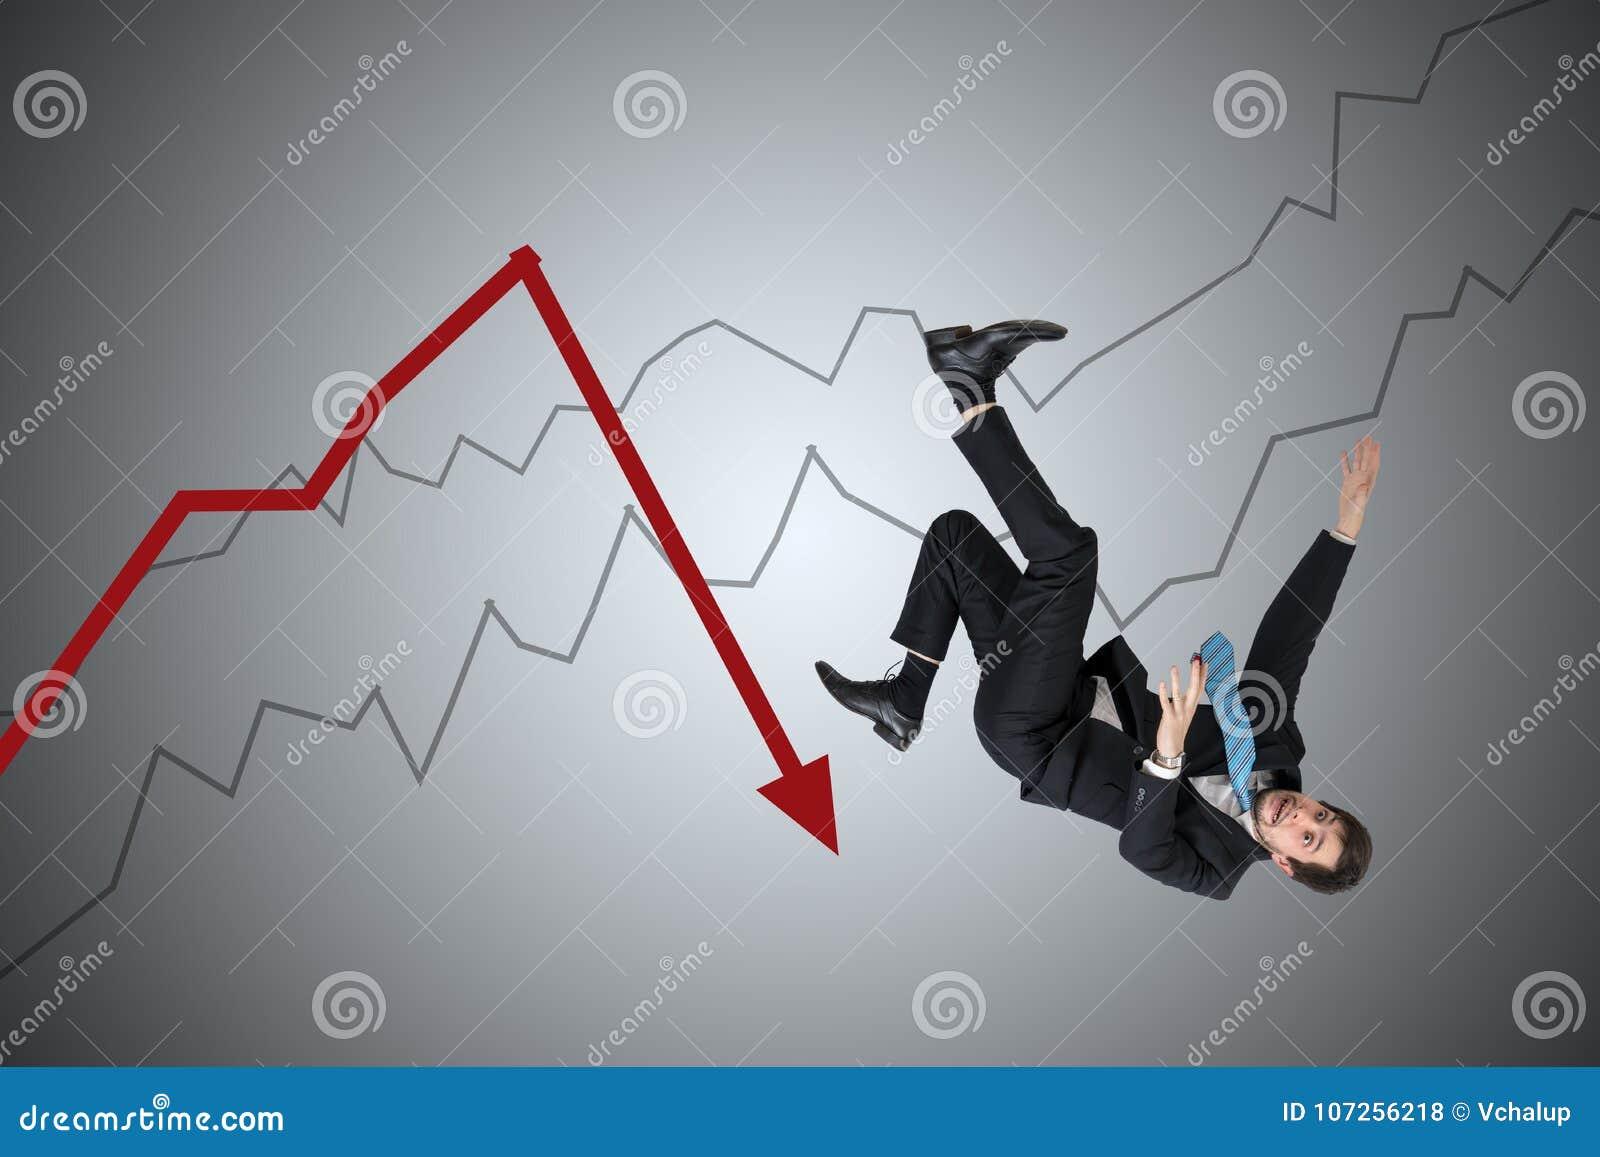 Perte financière et concept de crise Le jeune homme d affaires tombe vers le bas de la flèche